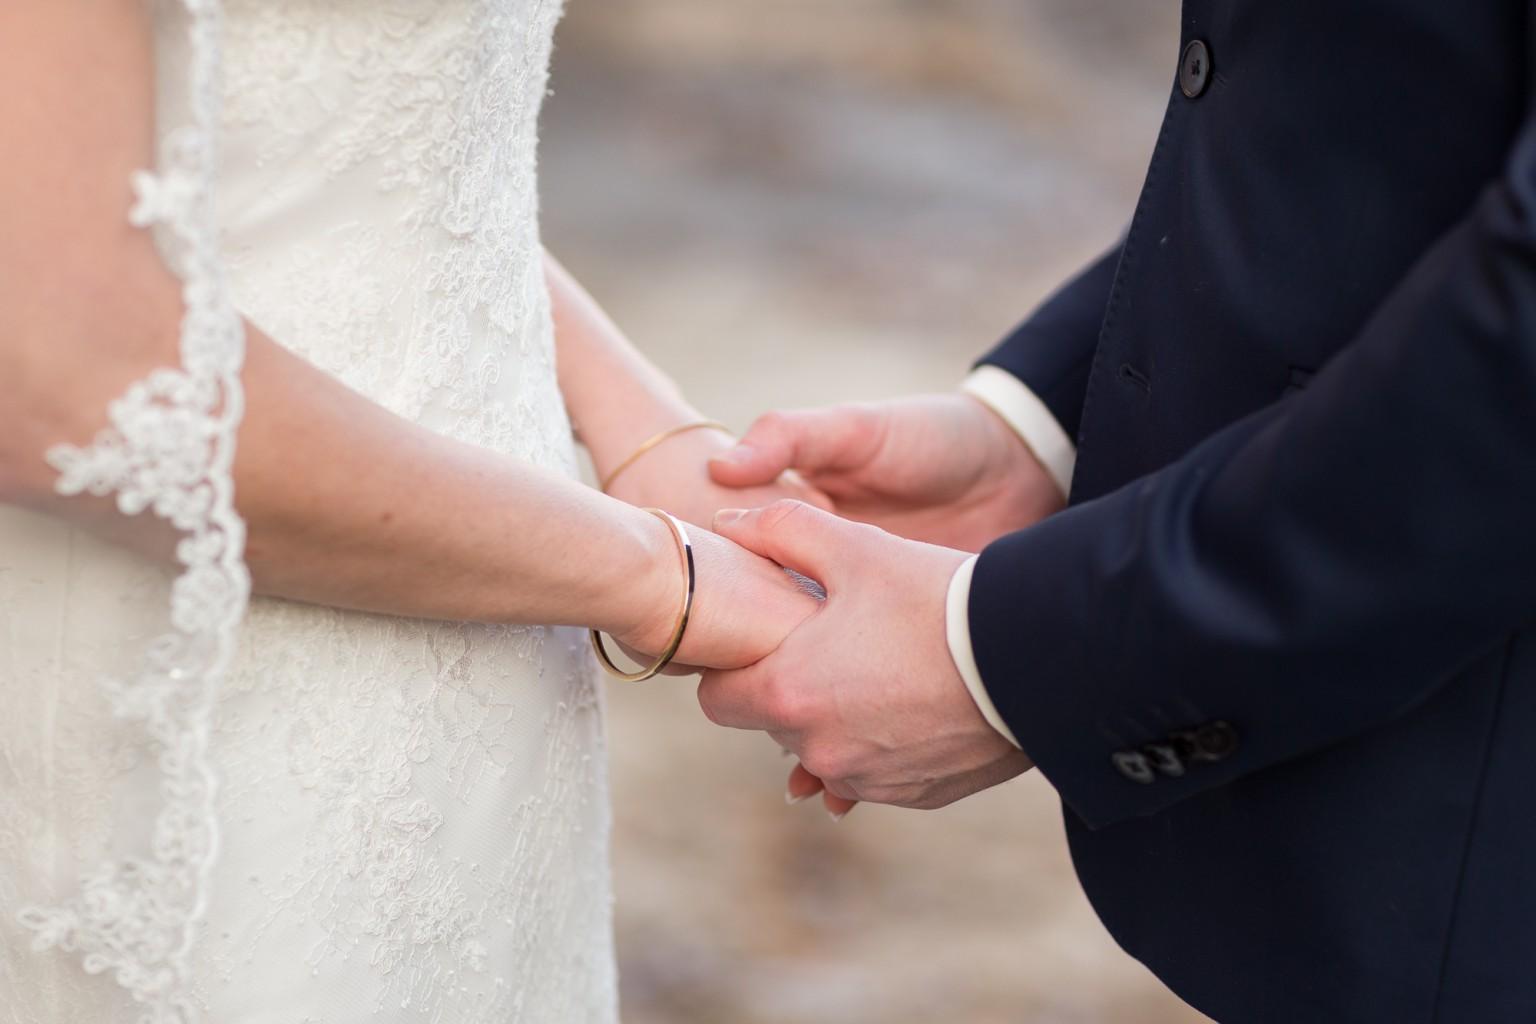 Handen van de bruid en bruidegom - ceremonie